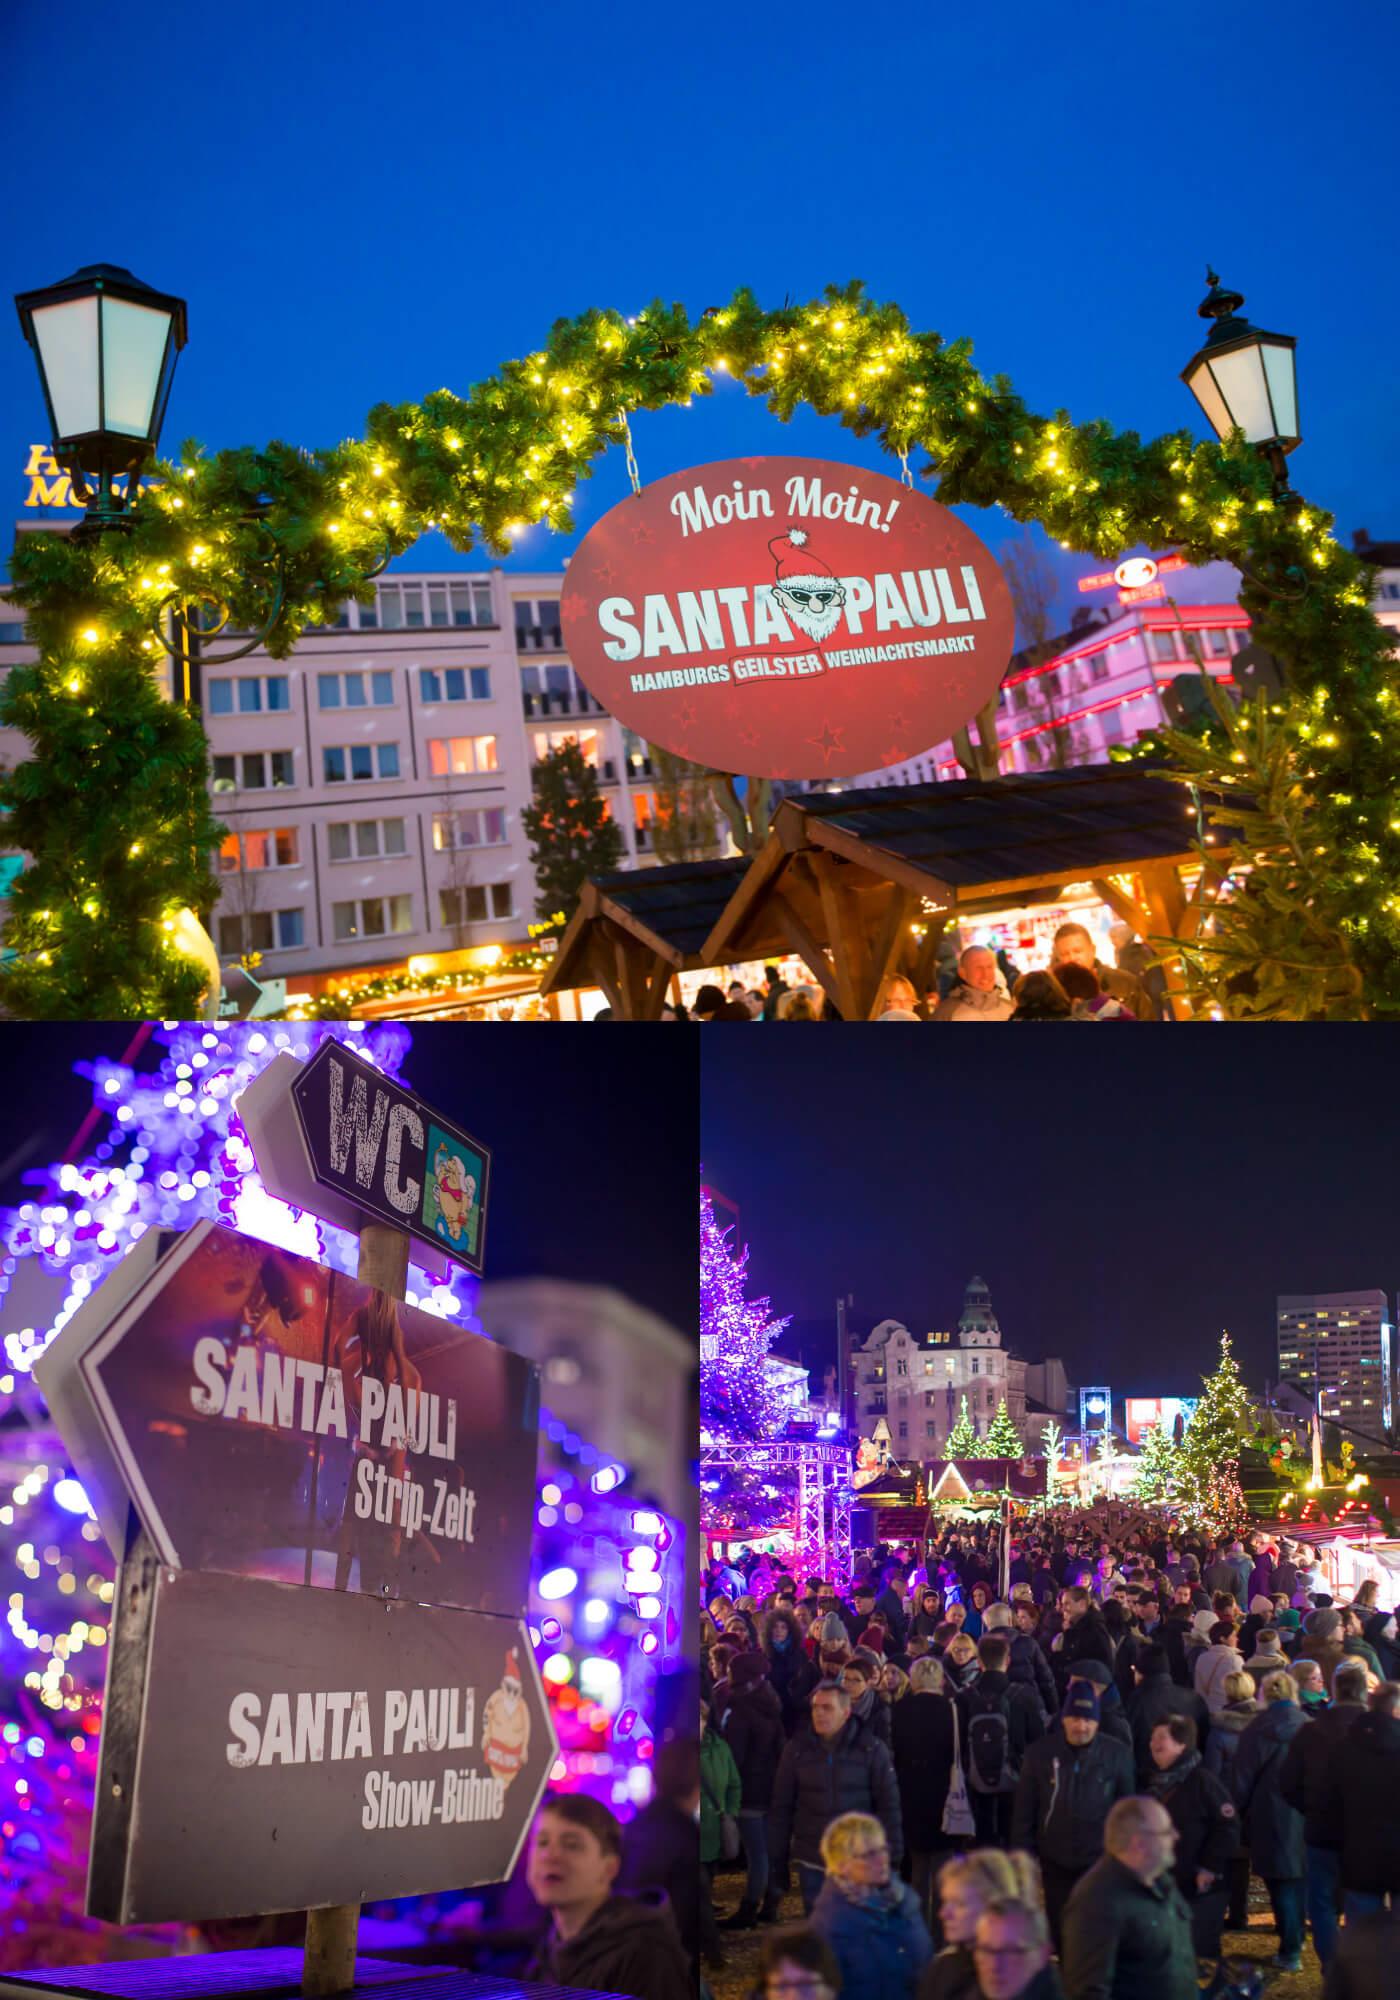 St Pauli Weihnachtsmarkt öffnungszeiten.Der Weihnachtsmarkt Bei Dem Dir Heiß Ums Herz Wird Santa Pauli